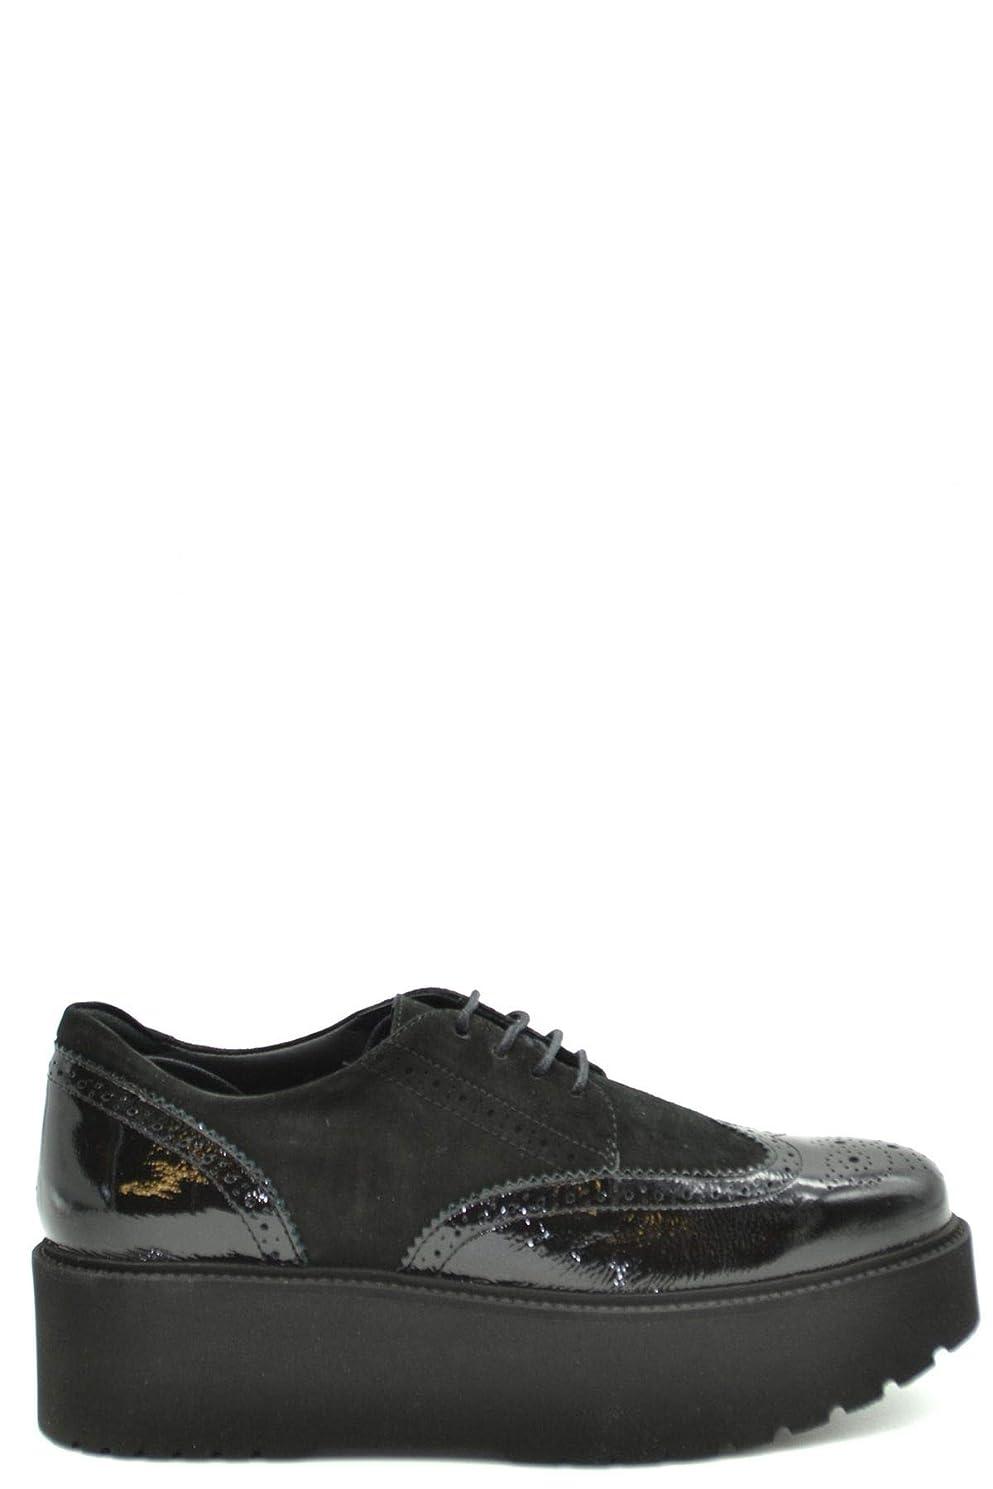 電池謝る包括的[HOGAN] レディース MCBI37689 ブラック 革 係靴ひも